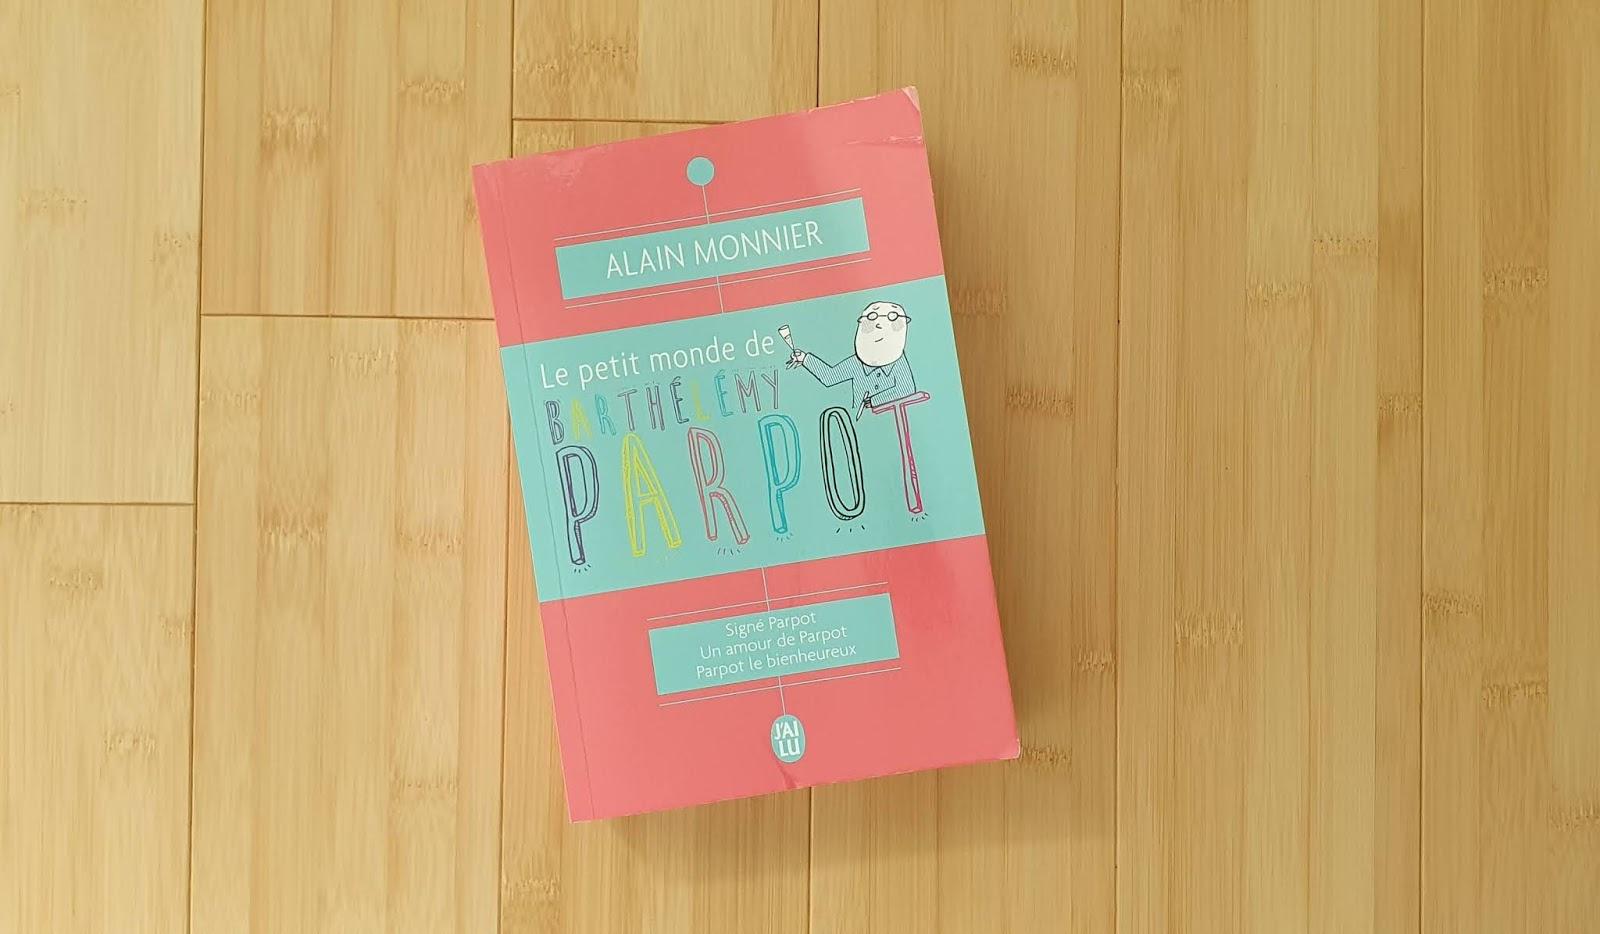 Mon avis sur le livre la Vie de Barthélémy Parpot d'Alain Monnier